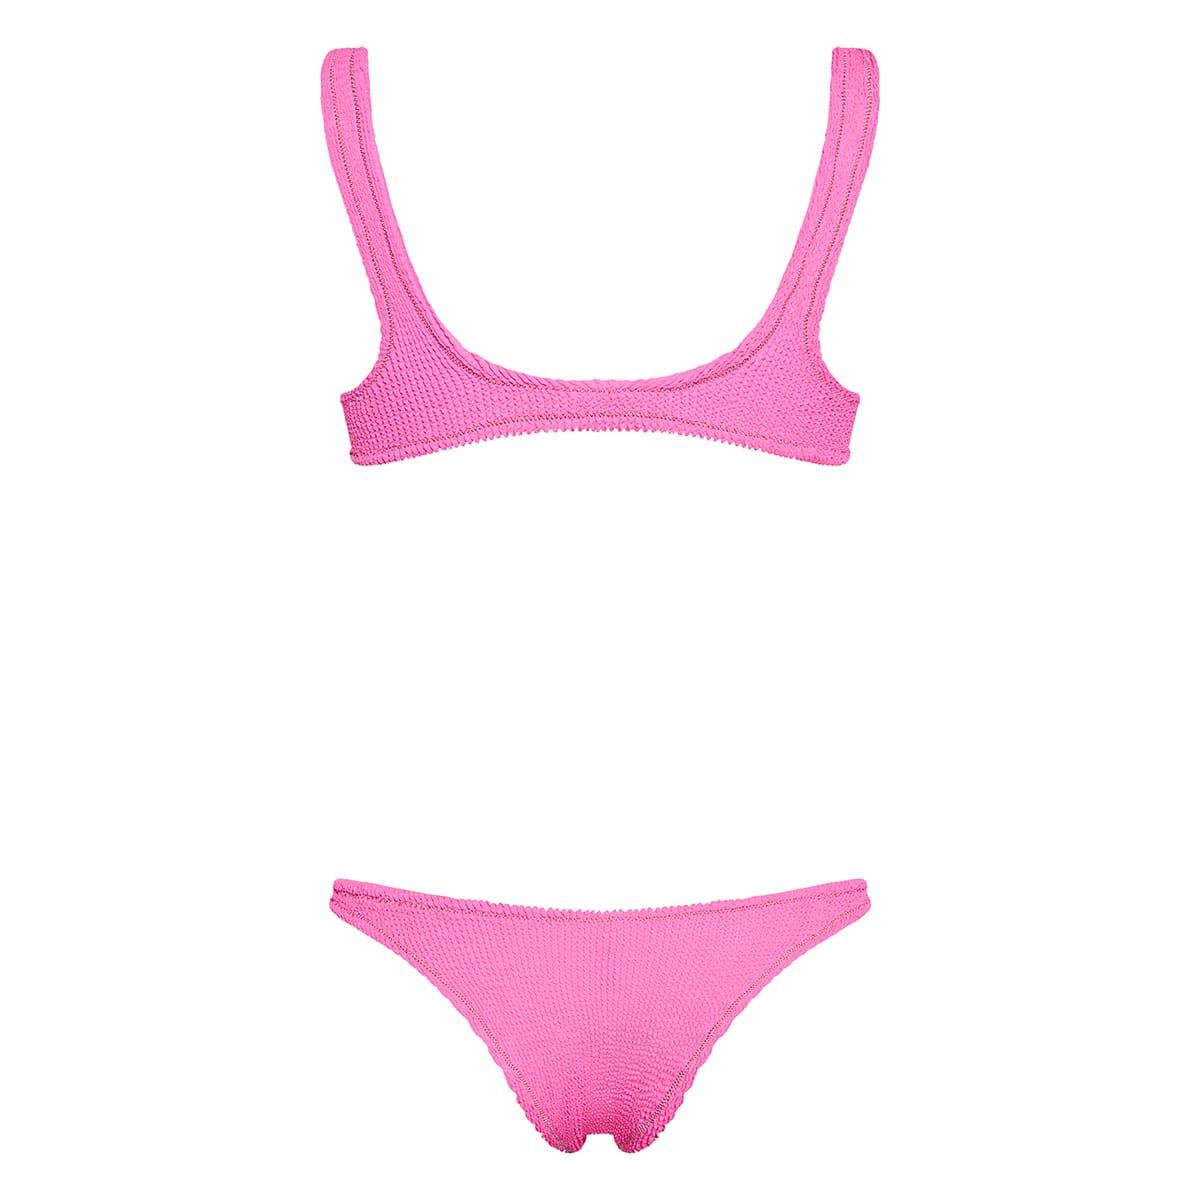 Ginny Scrunch textured bikini